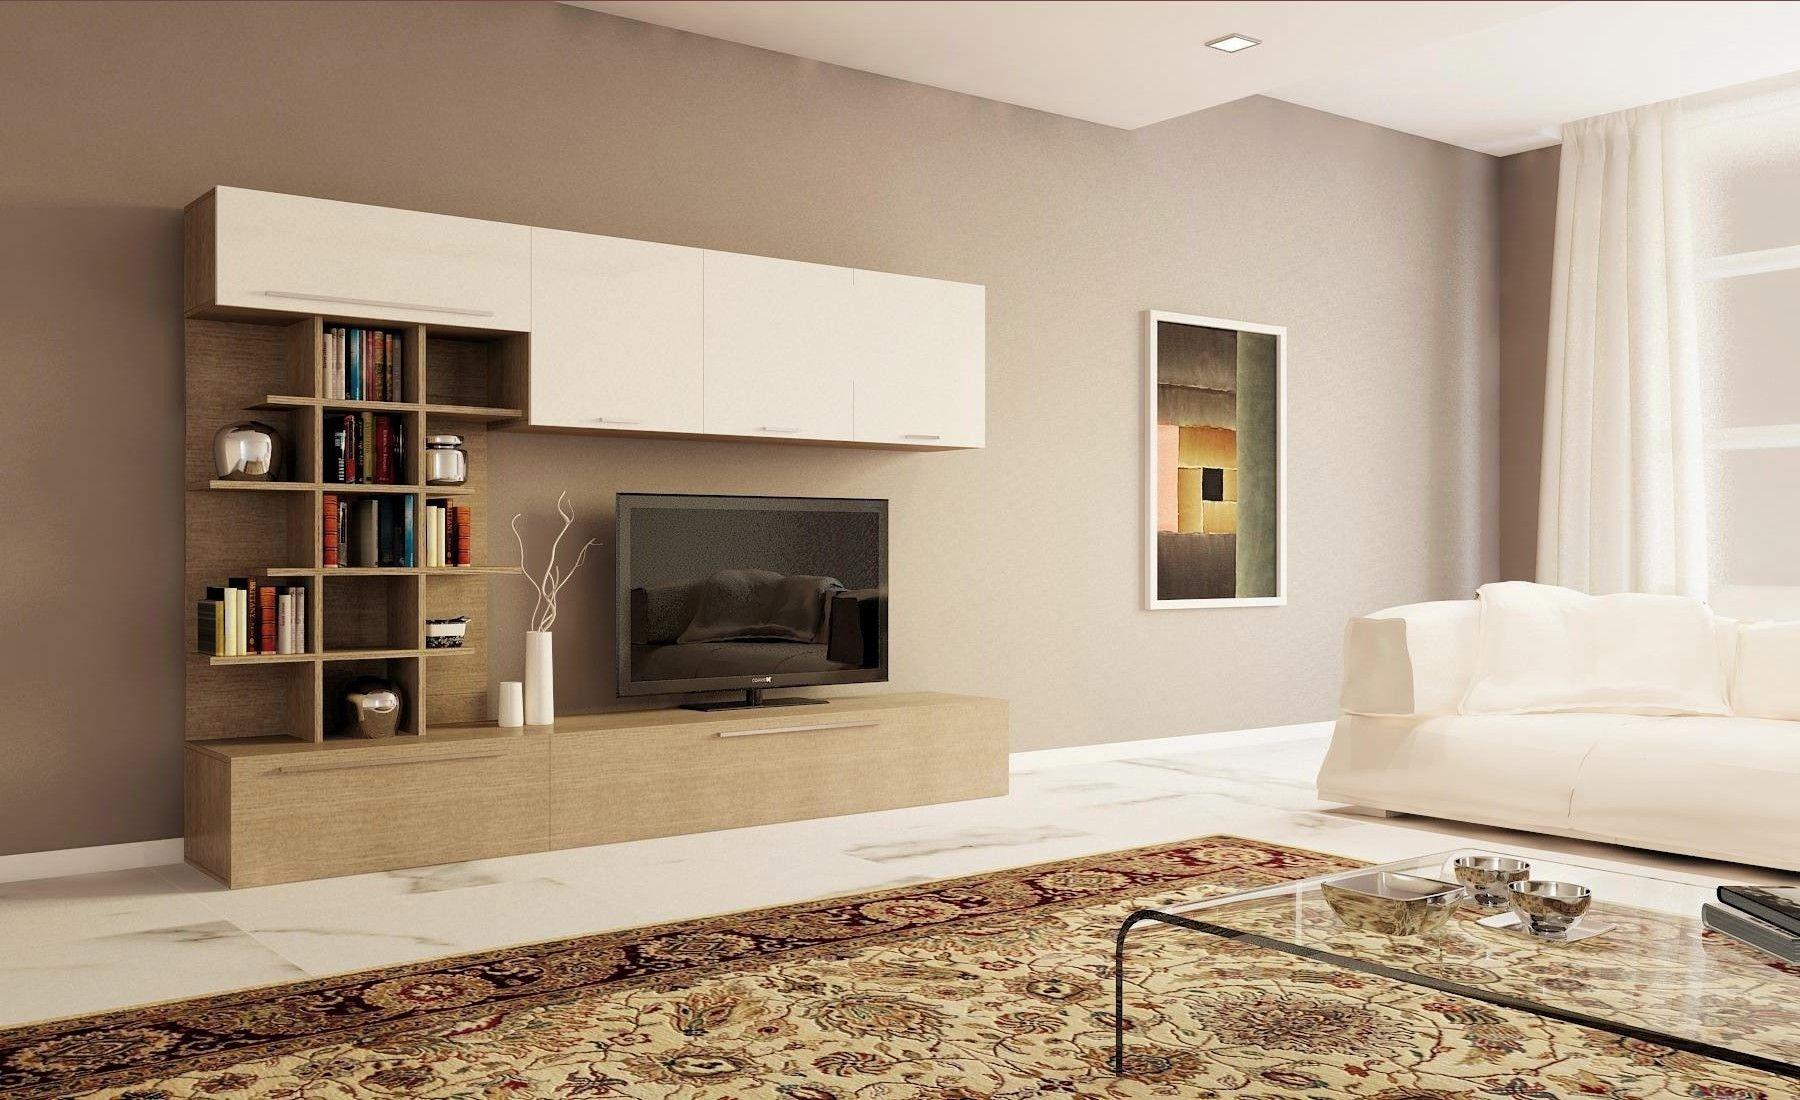 Parete soggiorno moderna con libreria design larice grigio e ...